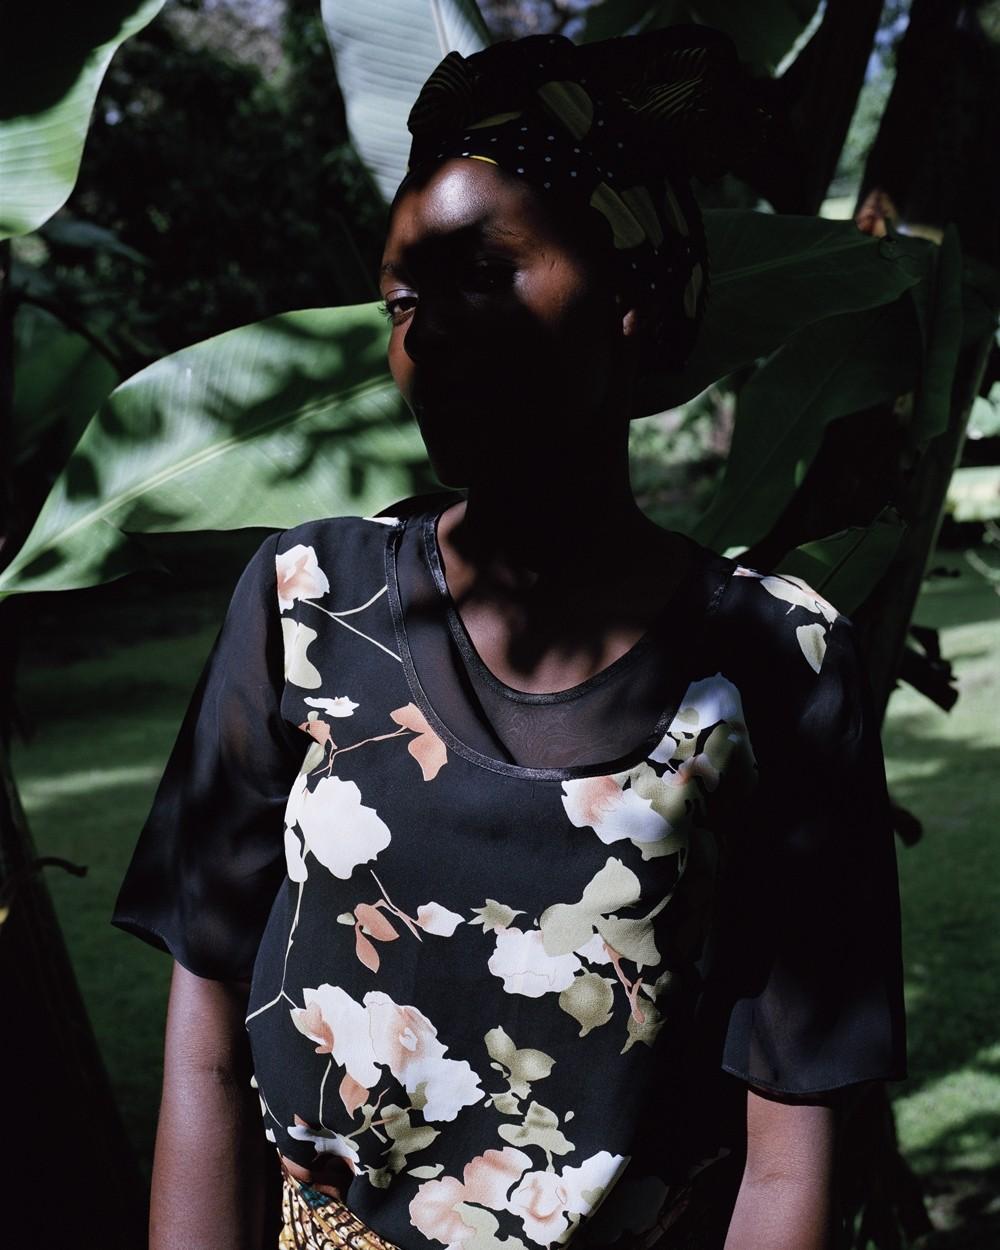 Umbra by Viviane Sassen